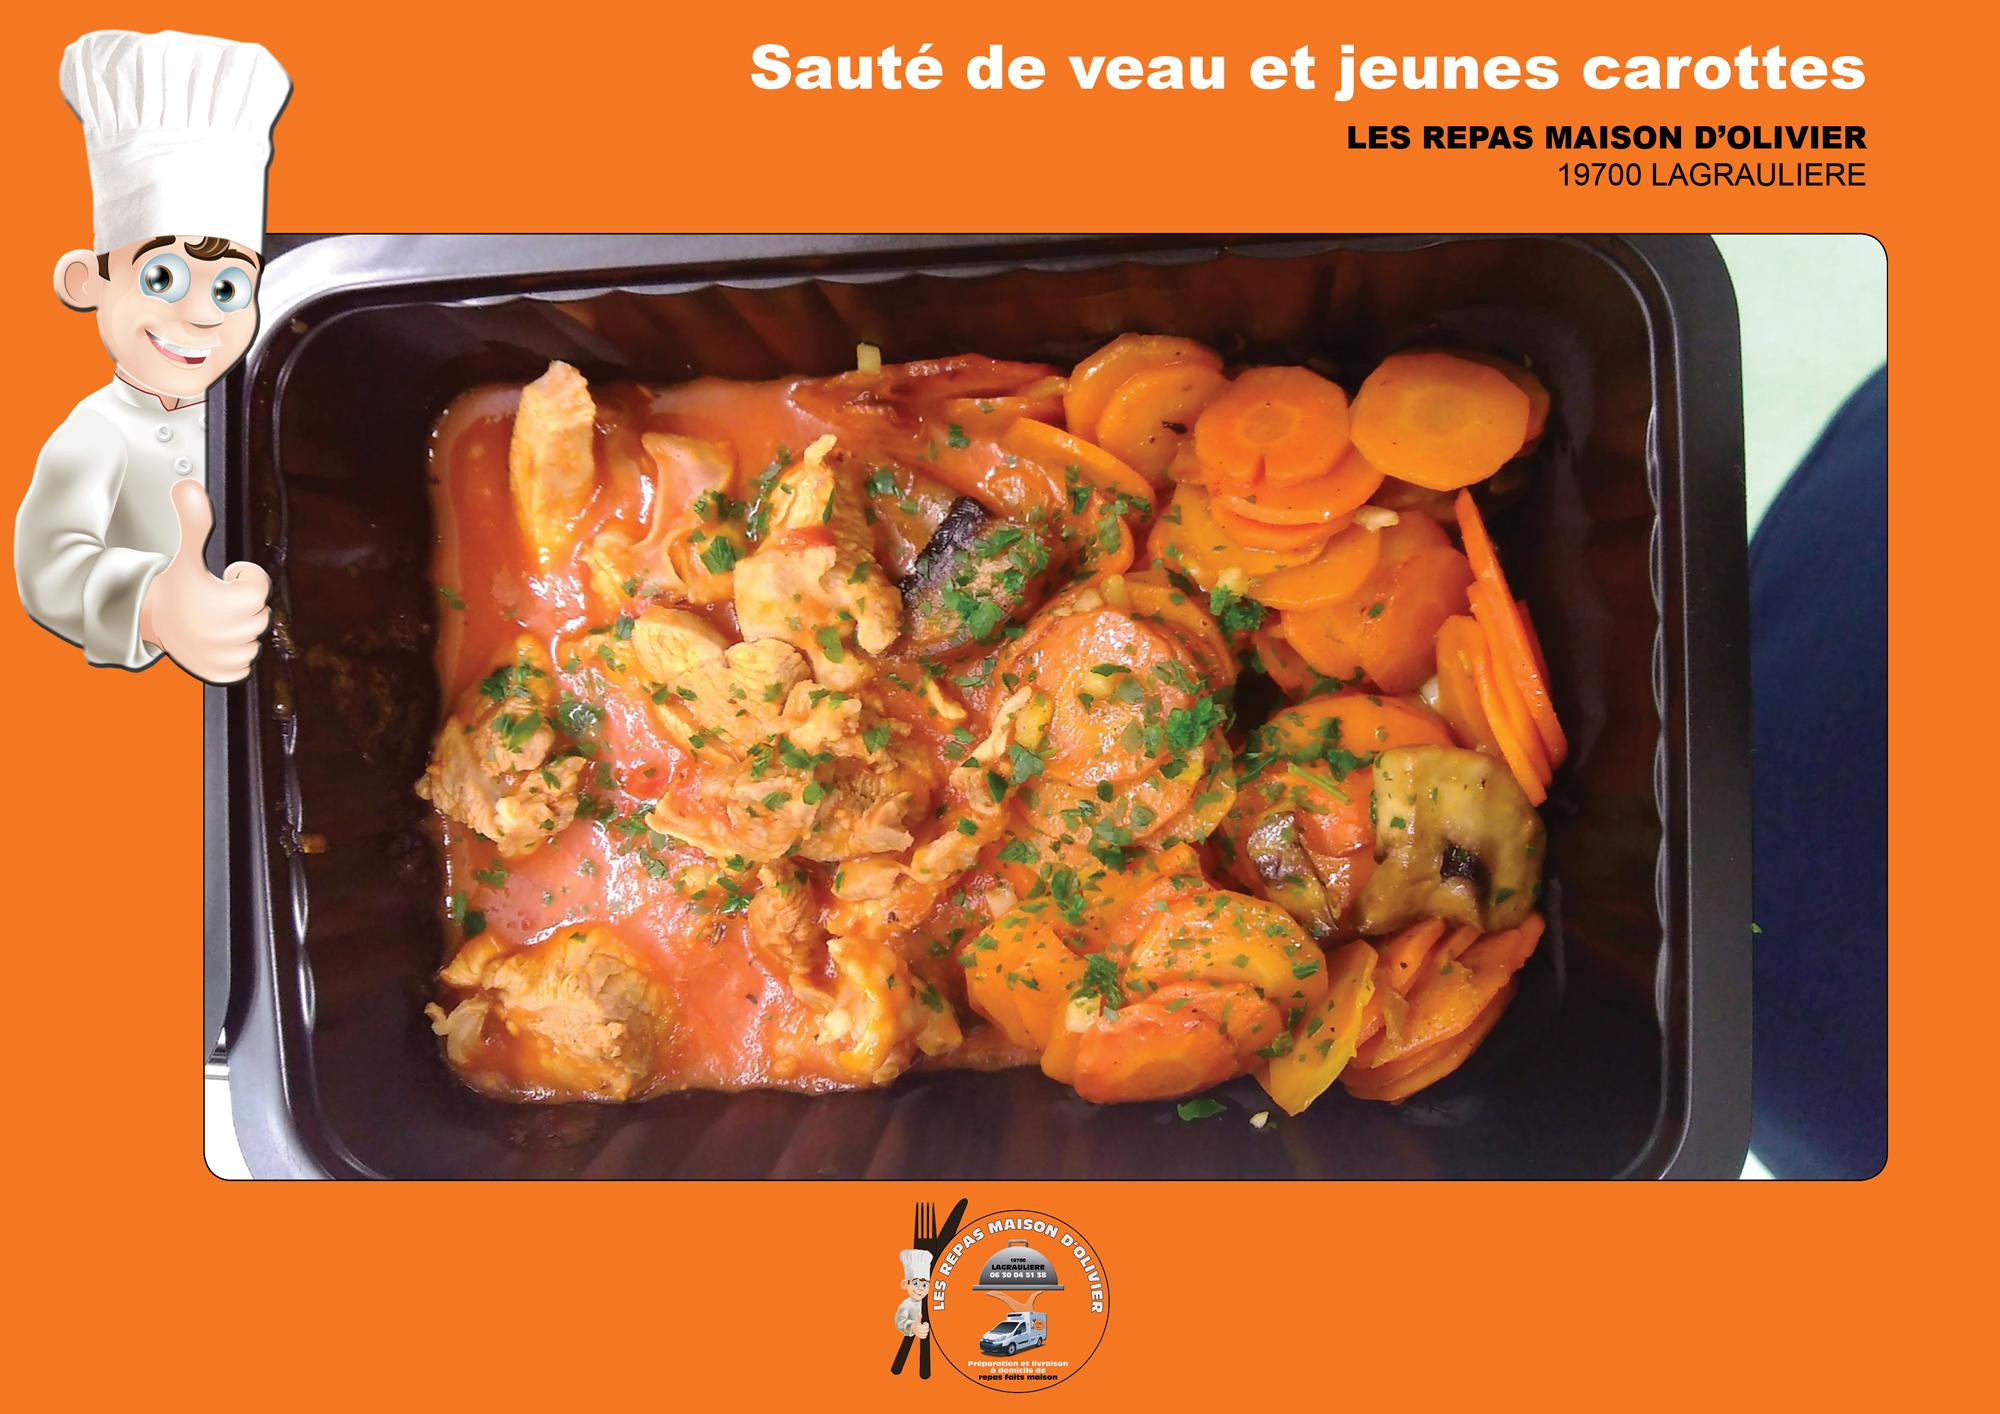 Sauté-de-veau-et-jeunes-carottes